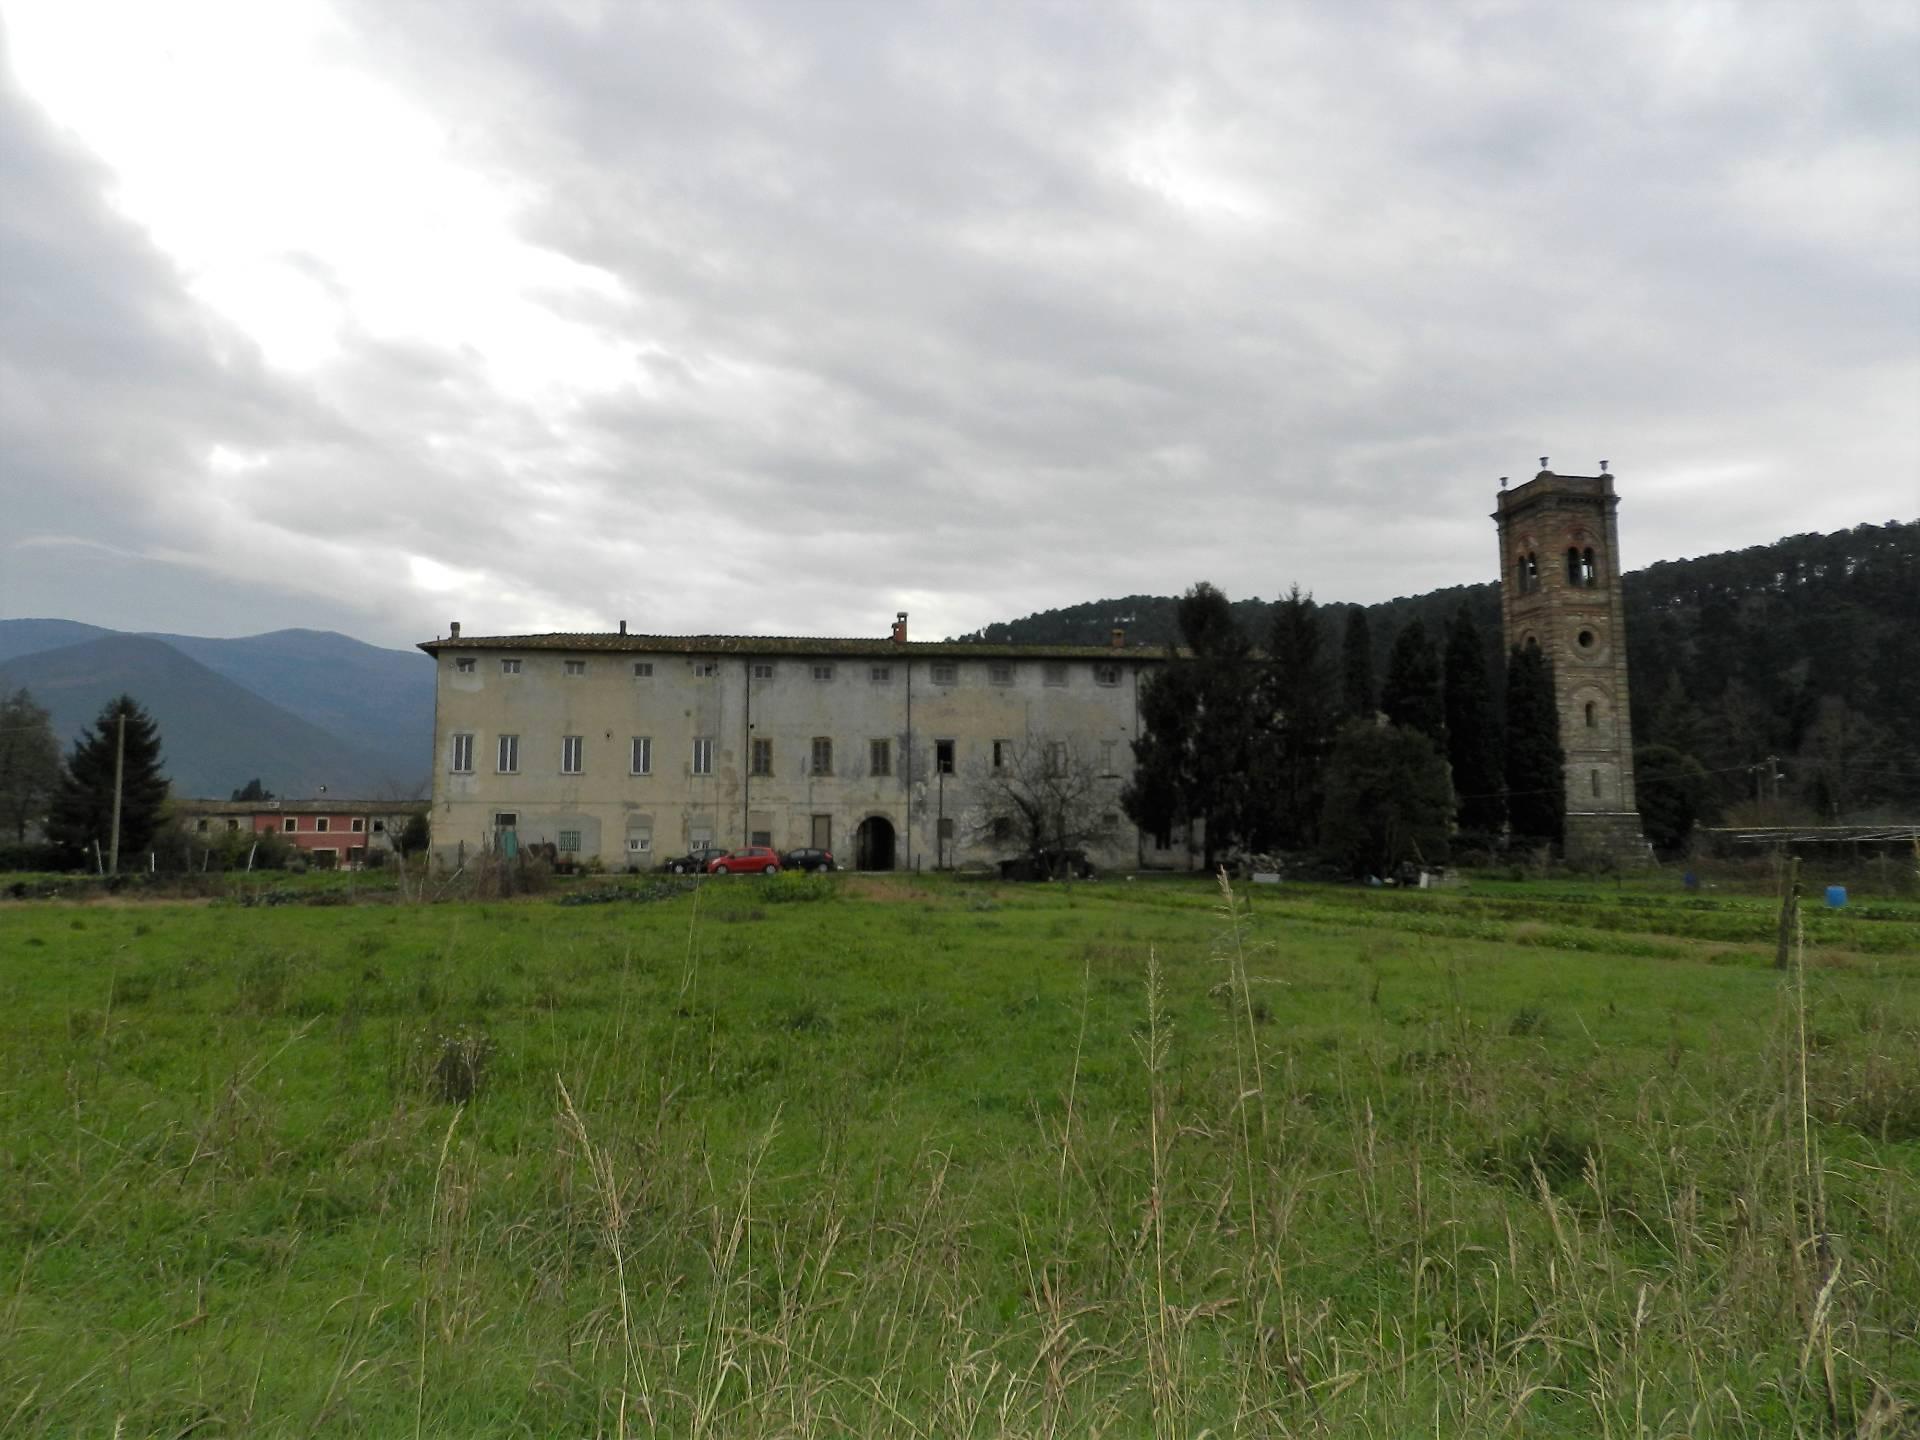 Attico / Mansarda in vendita a Capannori, 3 locali, zona Località: BadiadiCantignano, prezzo € 29.000 | Cambio Casa.it